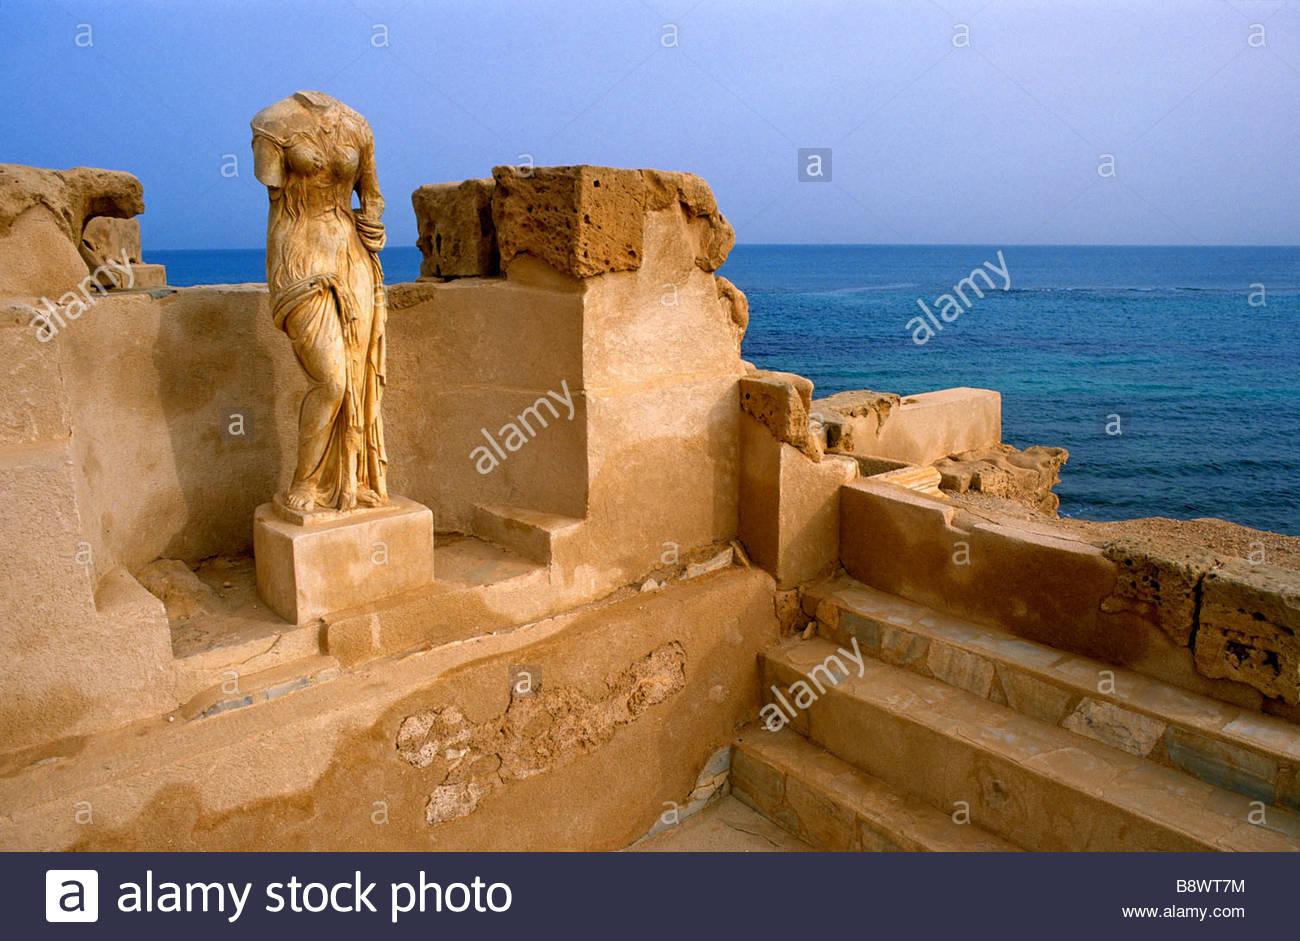 Sitio arqueológico, Sabratha, Libia, África Foto de stock